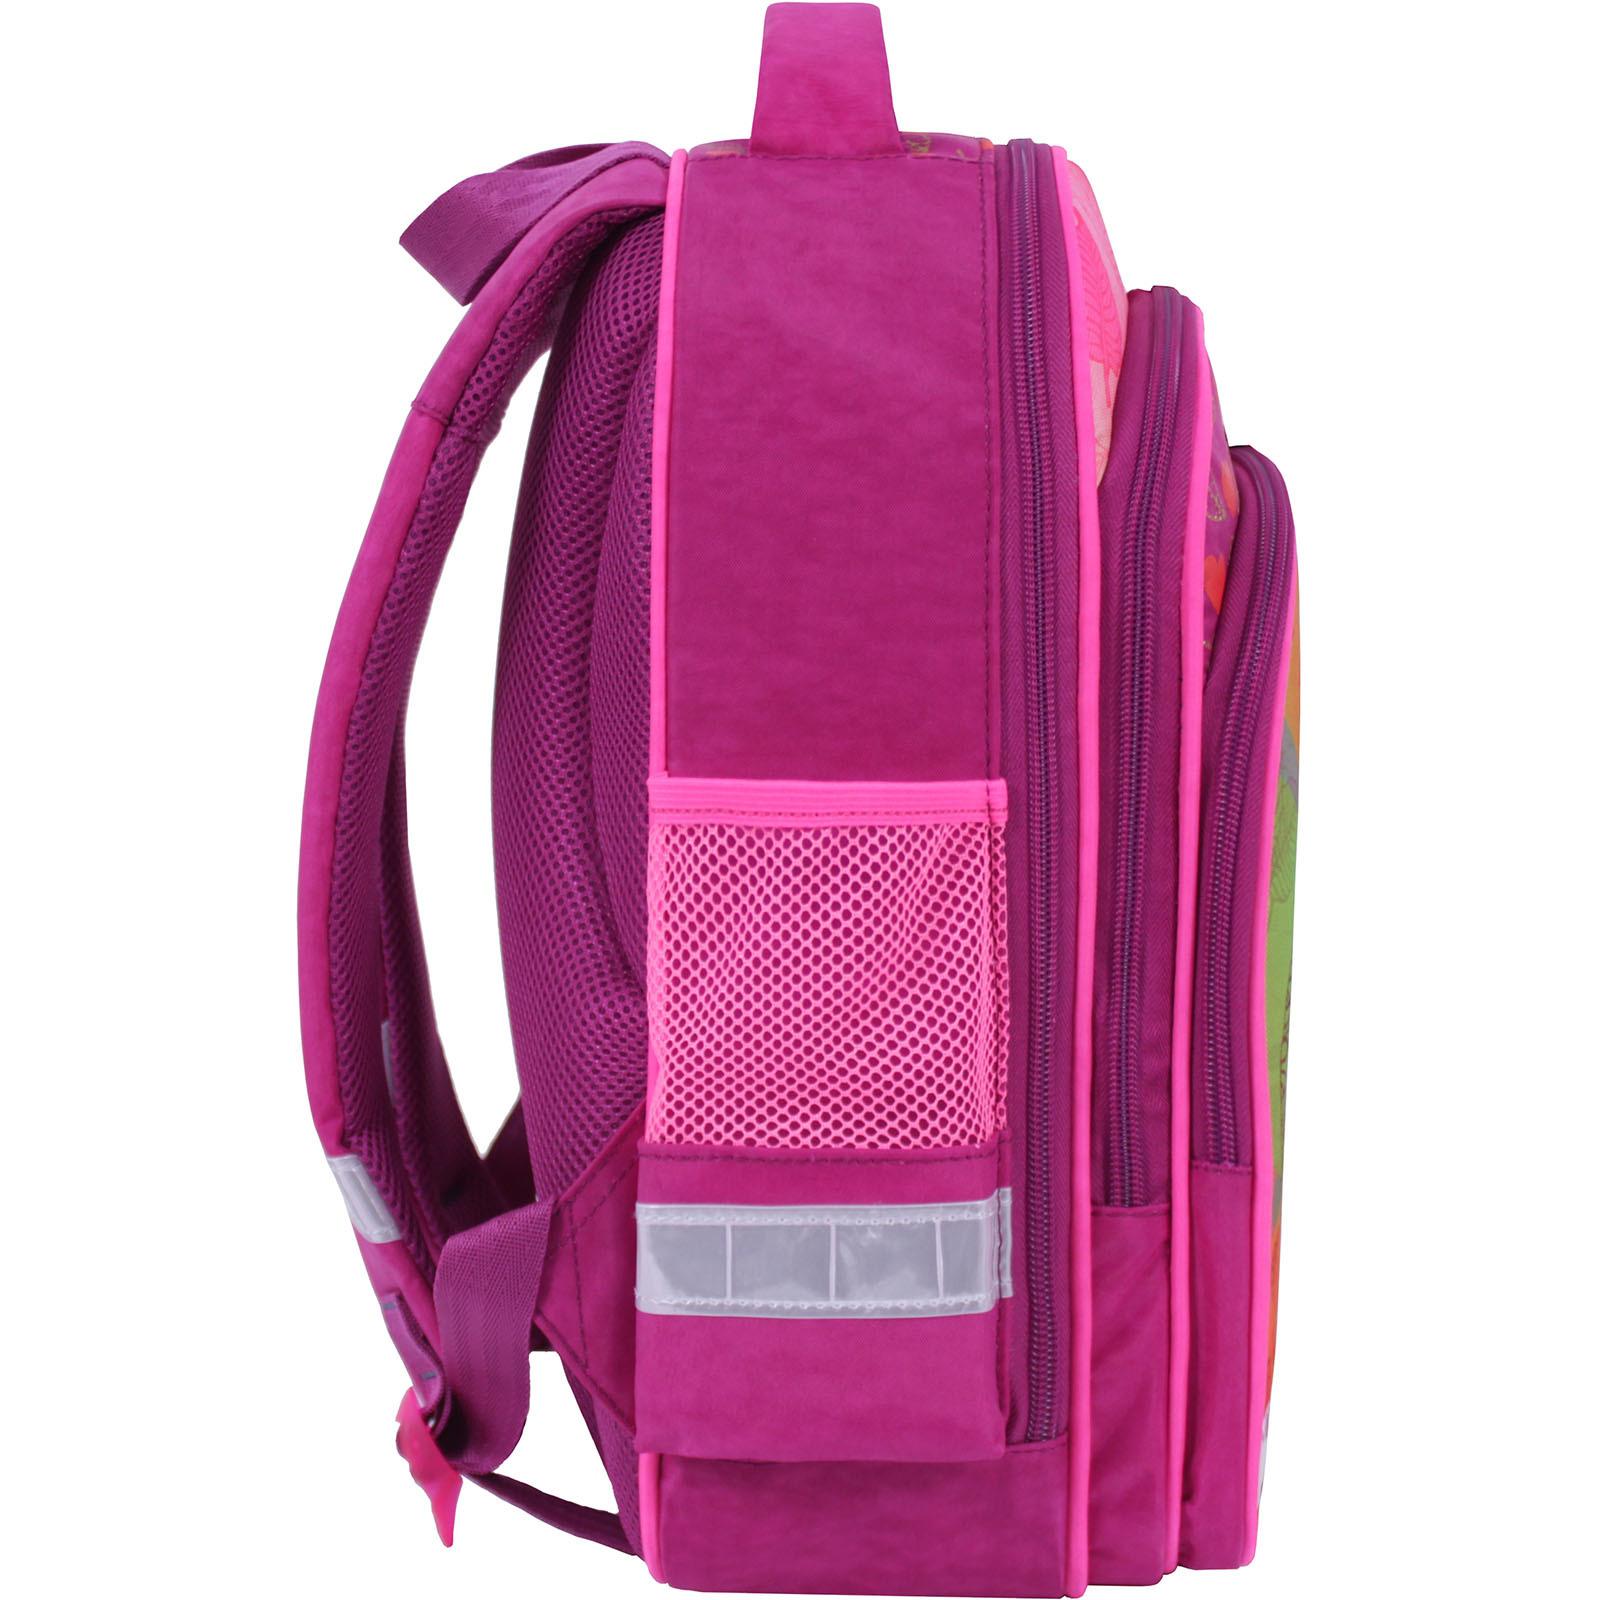 Рюкзак школьный Bagland Mouse 143 малиновый 512 (0051370) фото 2